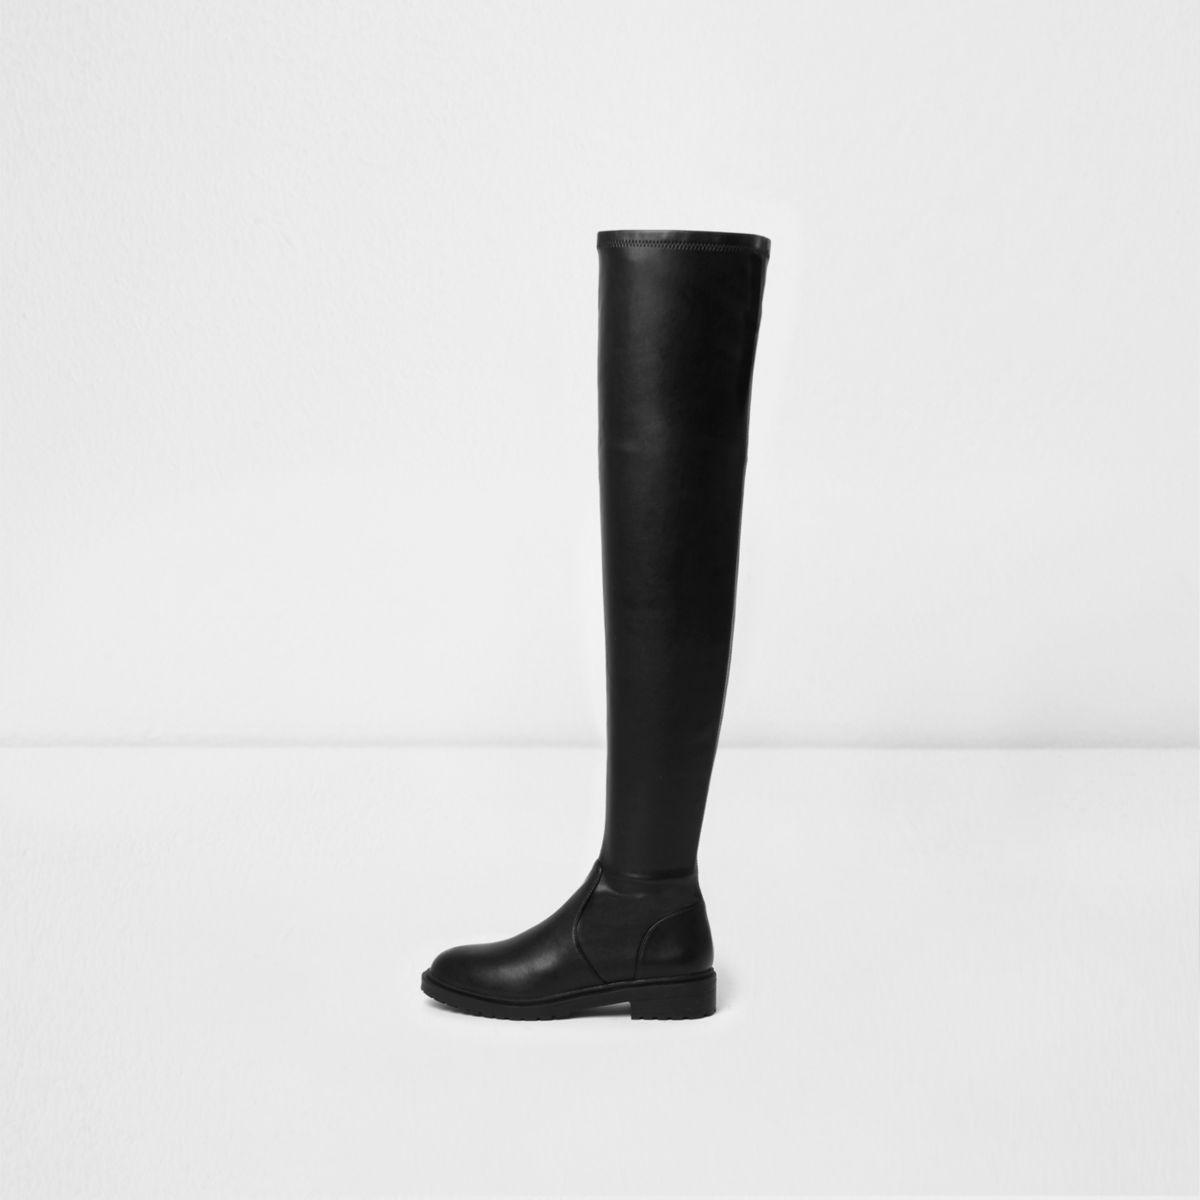 Zwarte laarzen tot over de knie met dikke zool